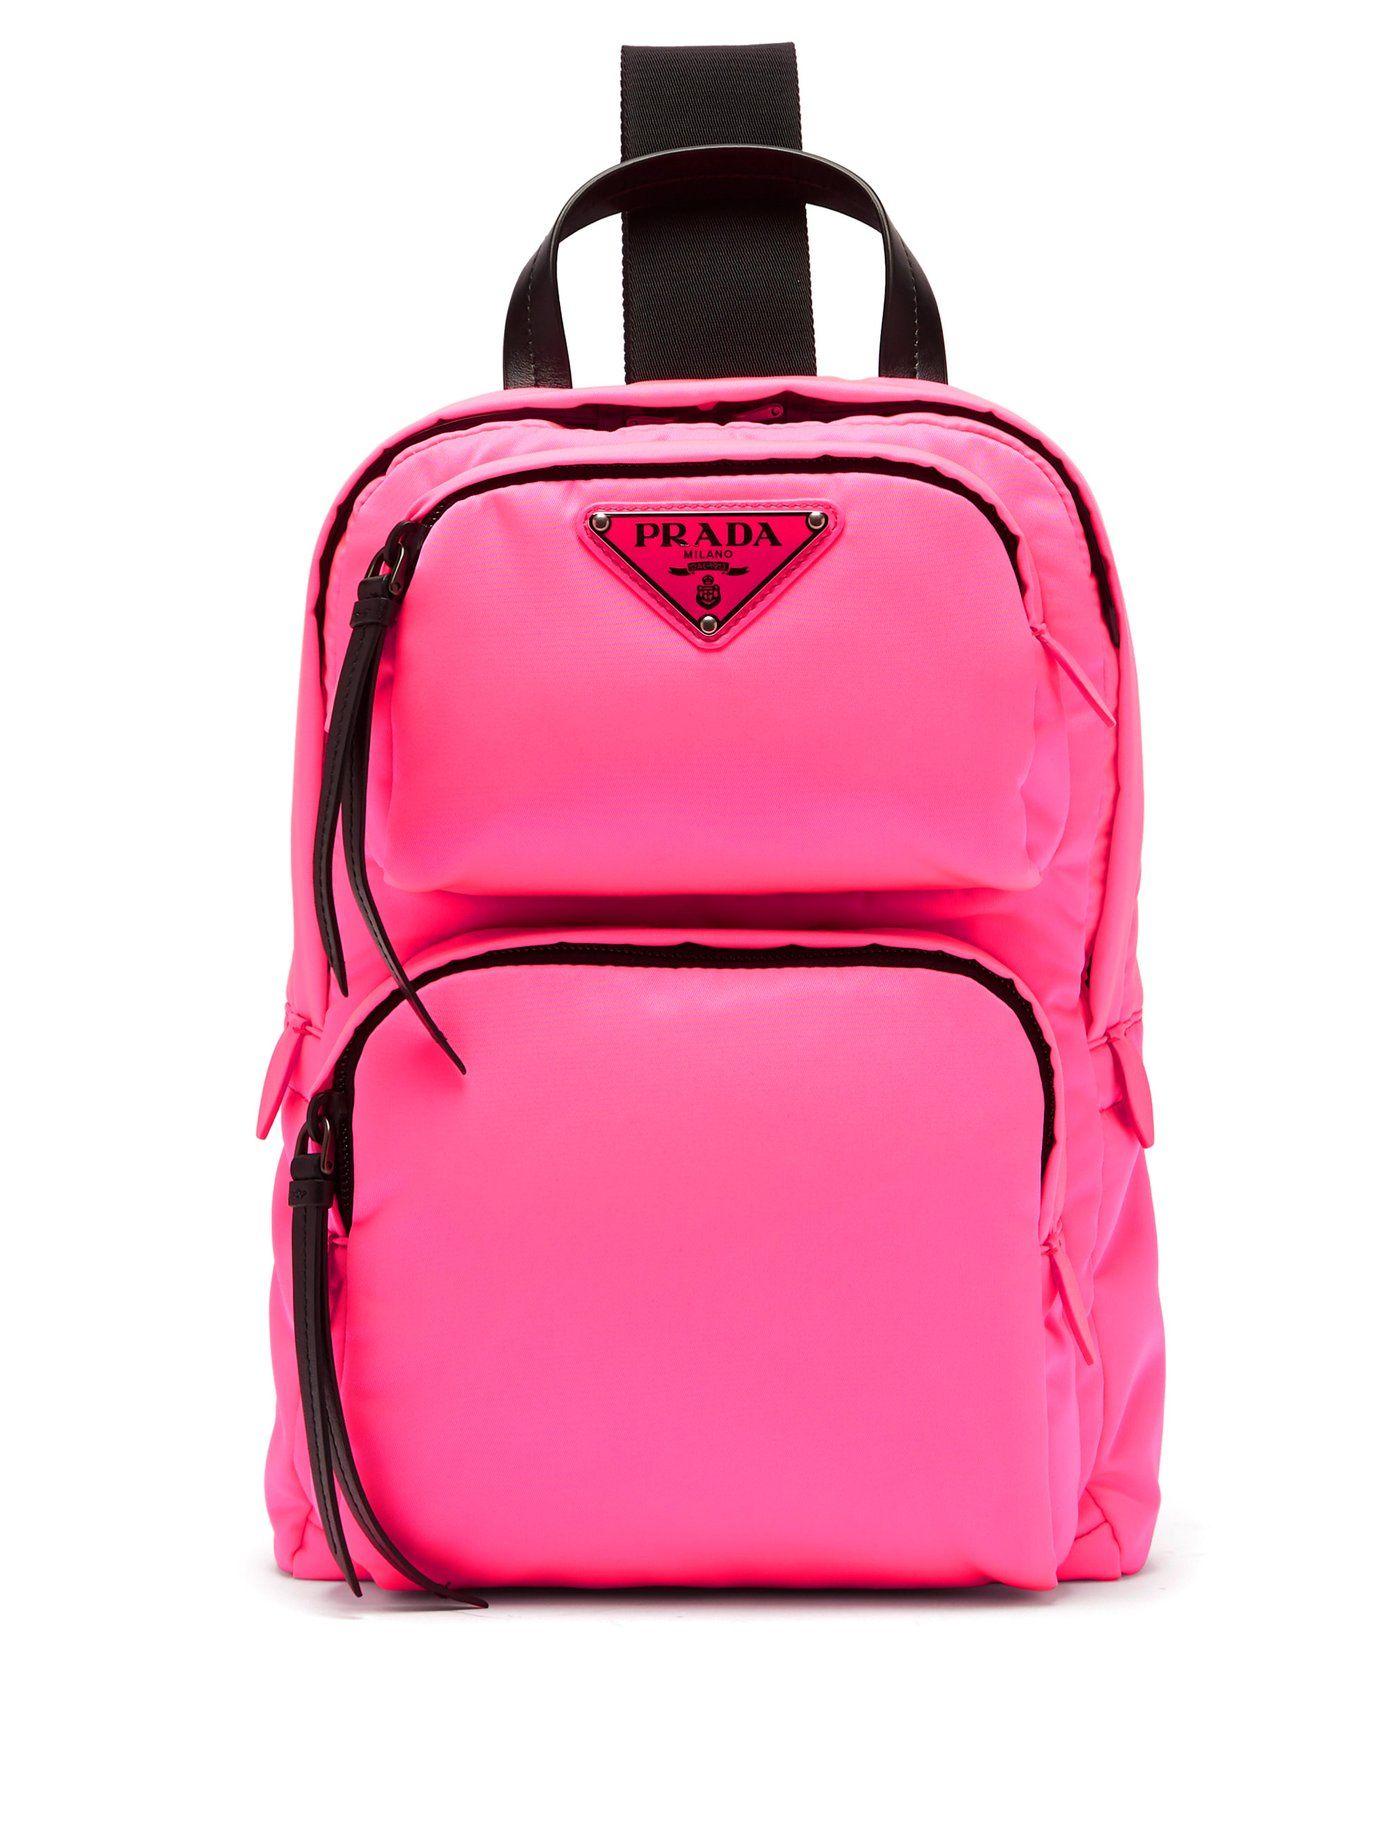 614837f974e7 PRADALeather-trimmed nylon backpack | bags | One shoulder backpack ...